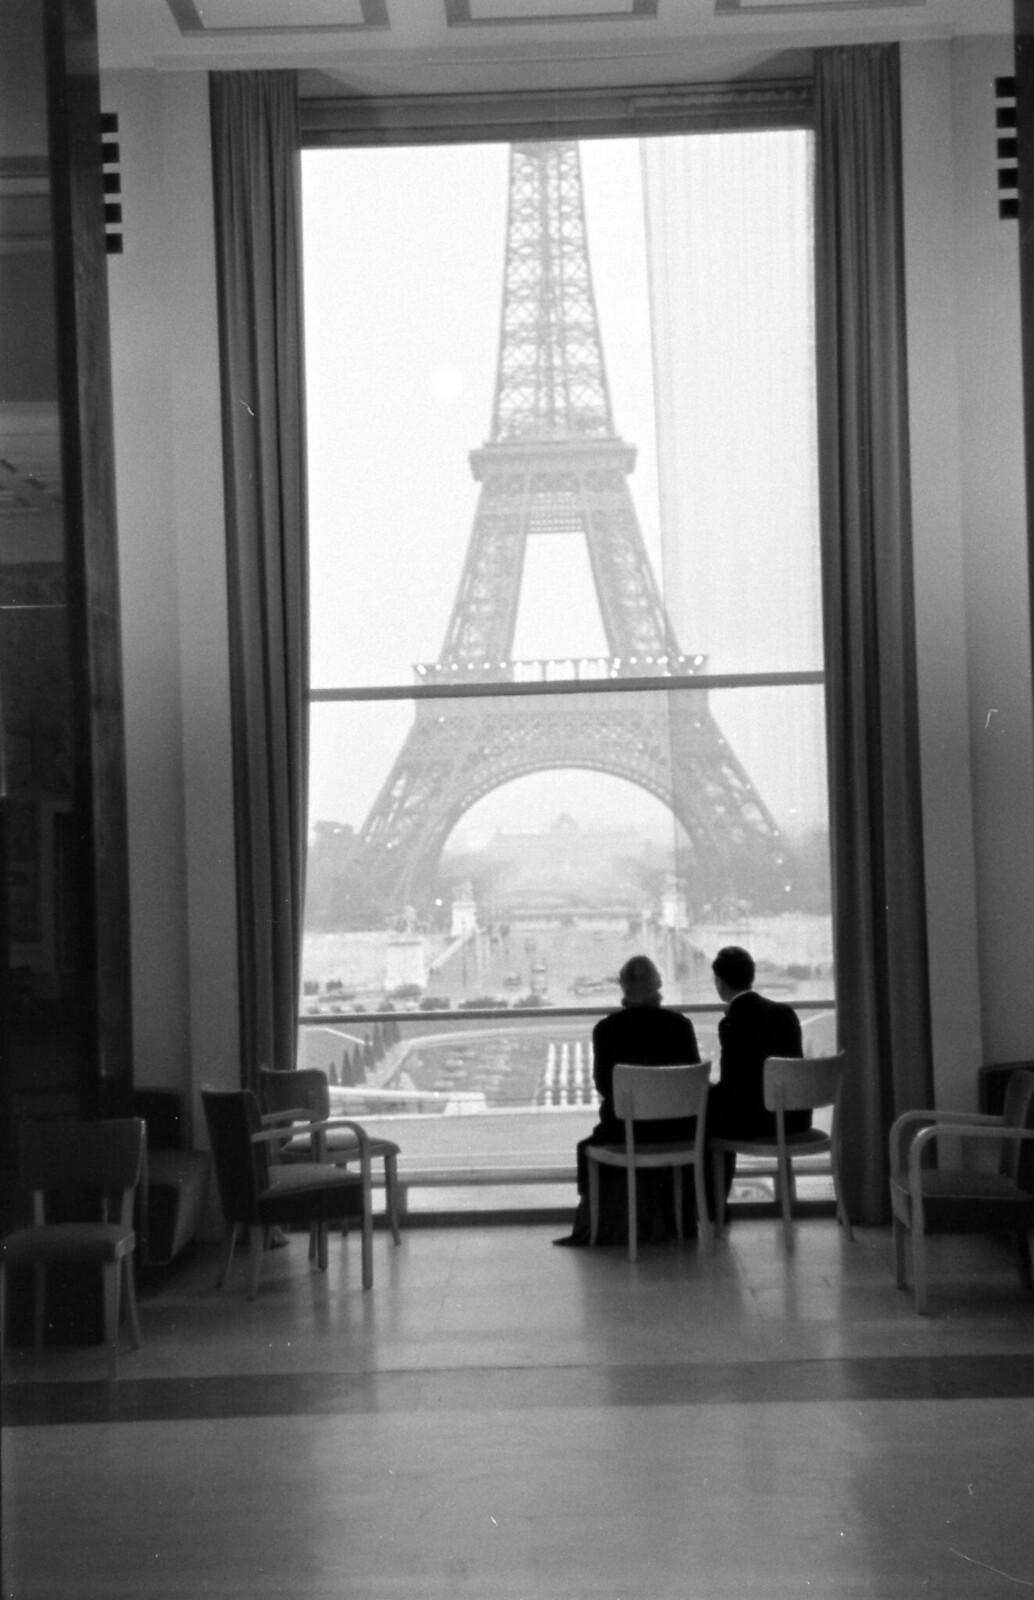 09. 1939. Мужчина и женщина смотрят в окно перед Эйфелевой башней